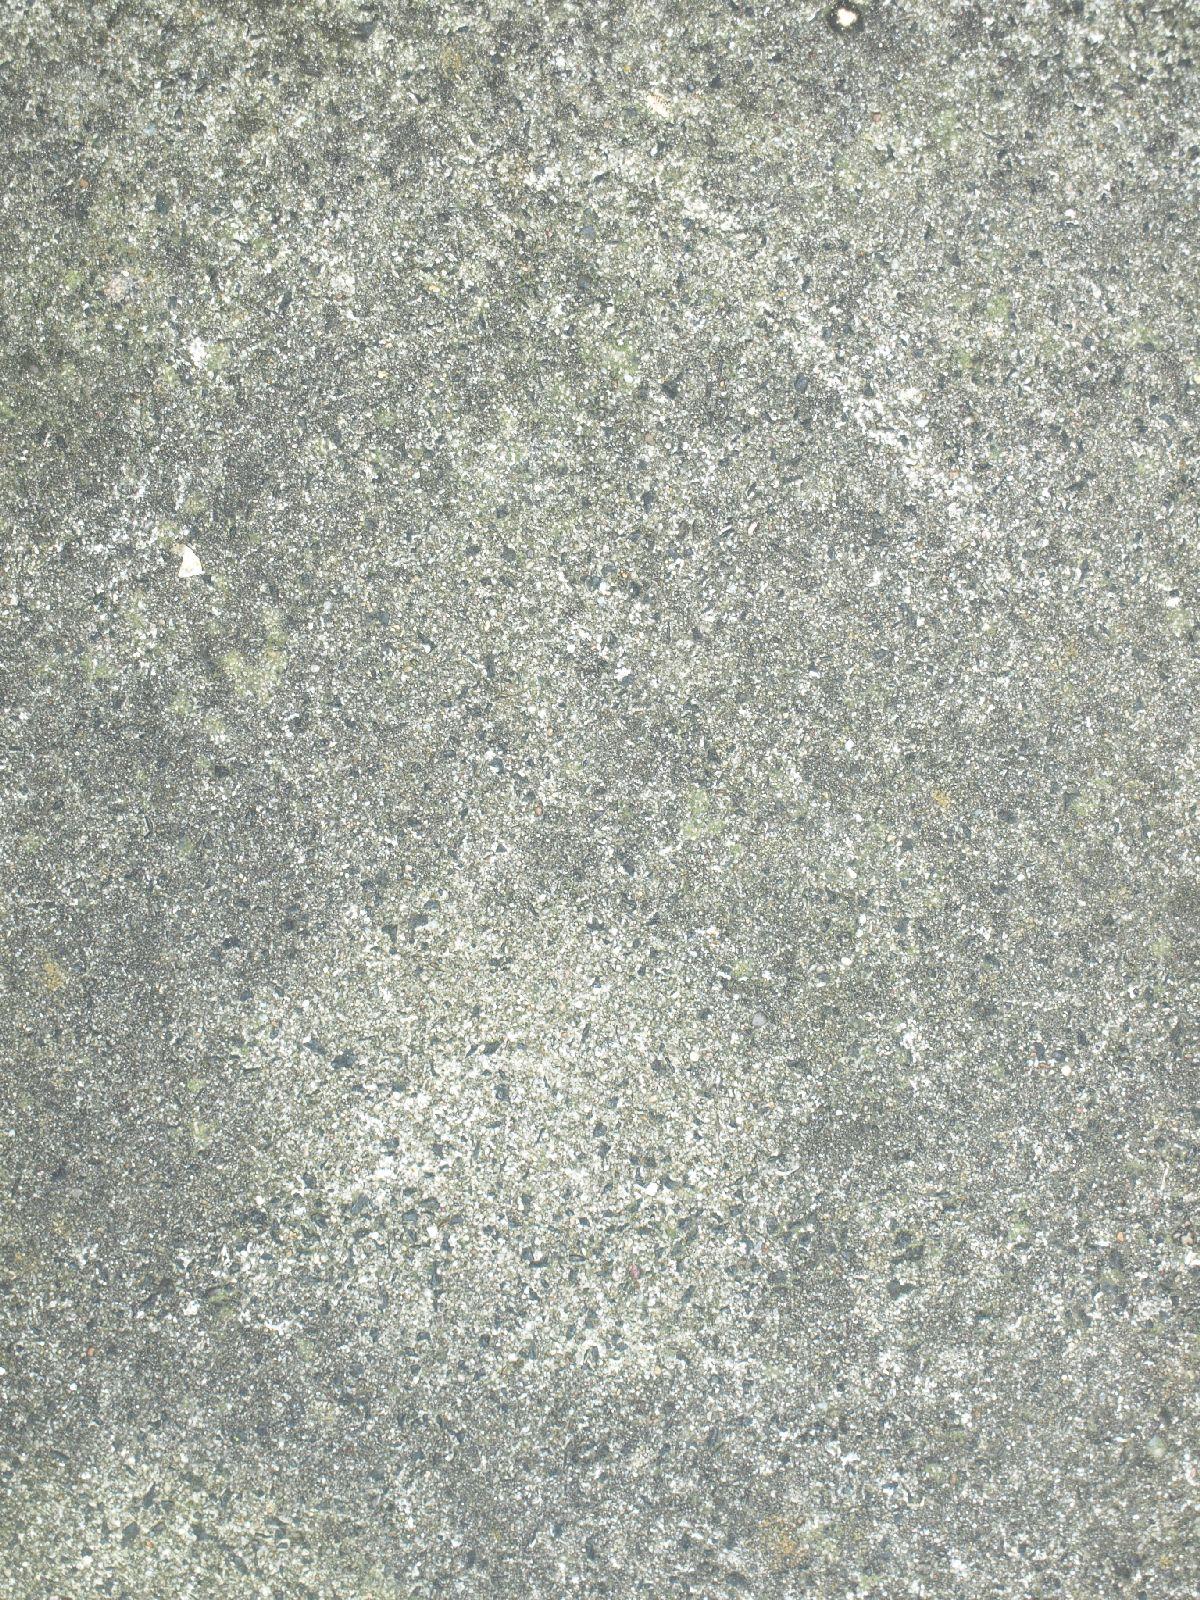 Boden-Gehweg-Strasse-Buergersteig-Textur_A_P9114824